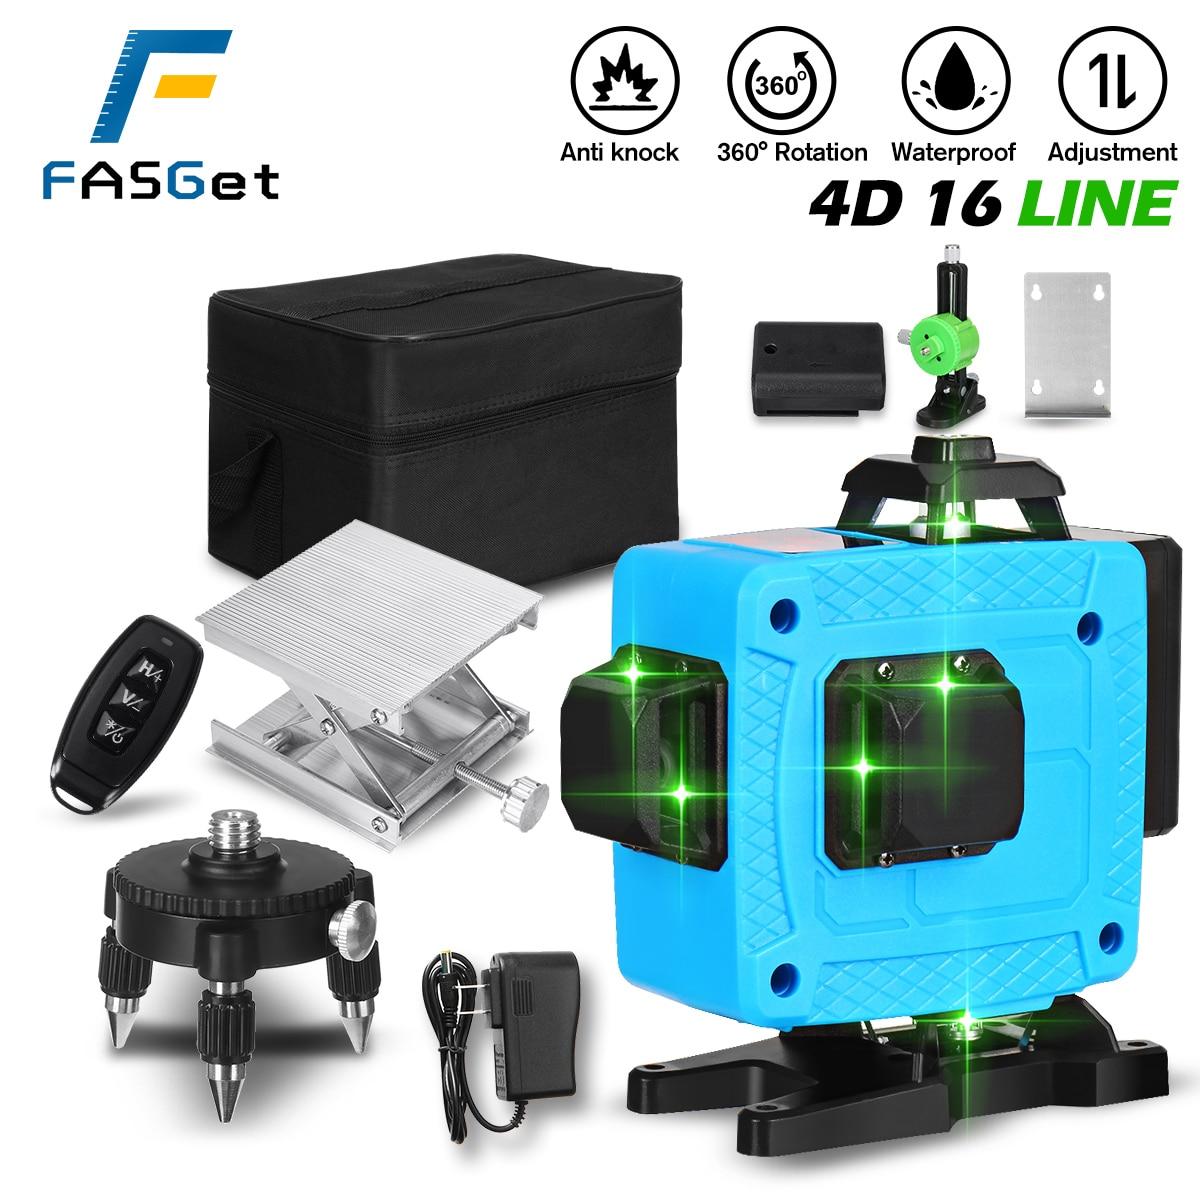 FASGET16/12 خطوط 4D ليزر مستوى الخط الأخضر SelfLeveling 360 أفقي وعمودي سوبر ليزر قوي المستوى ليزر أخضر